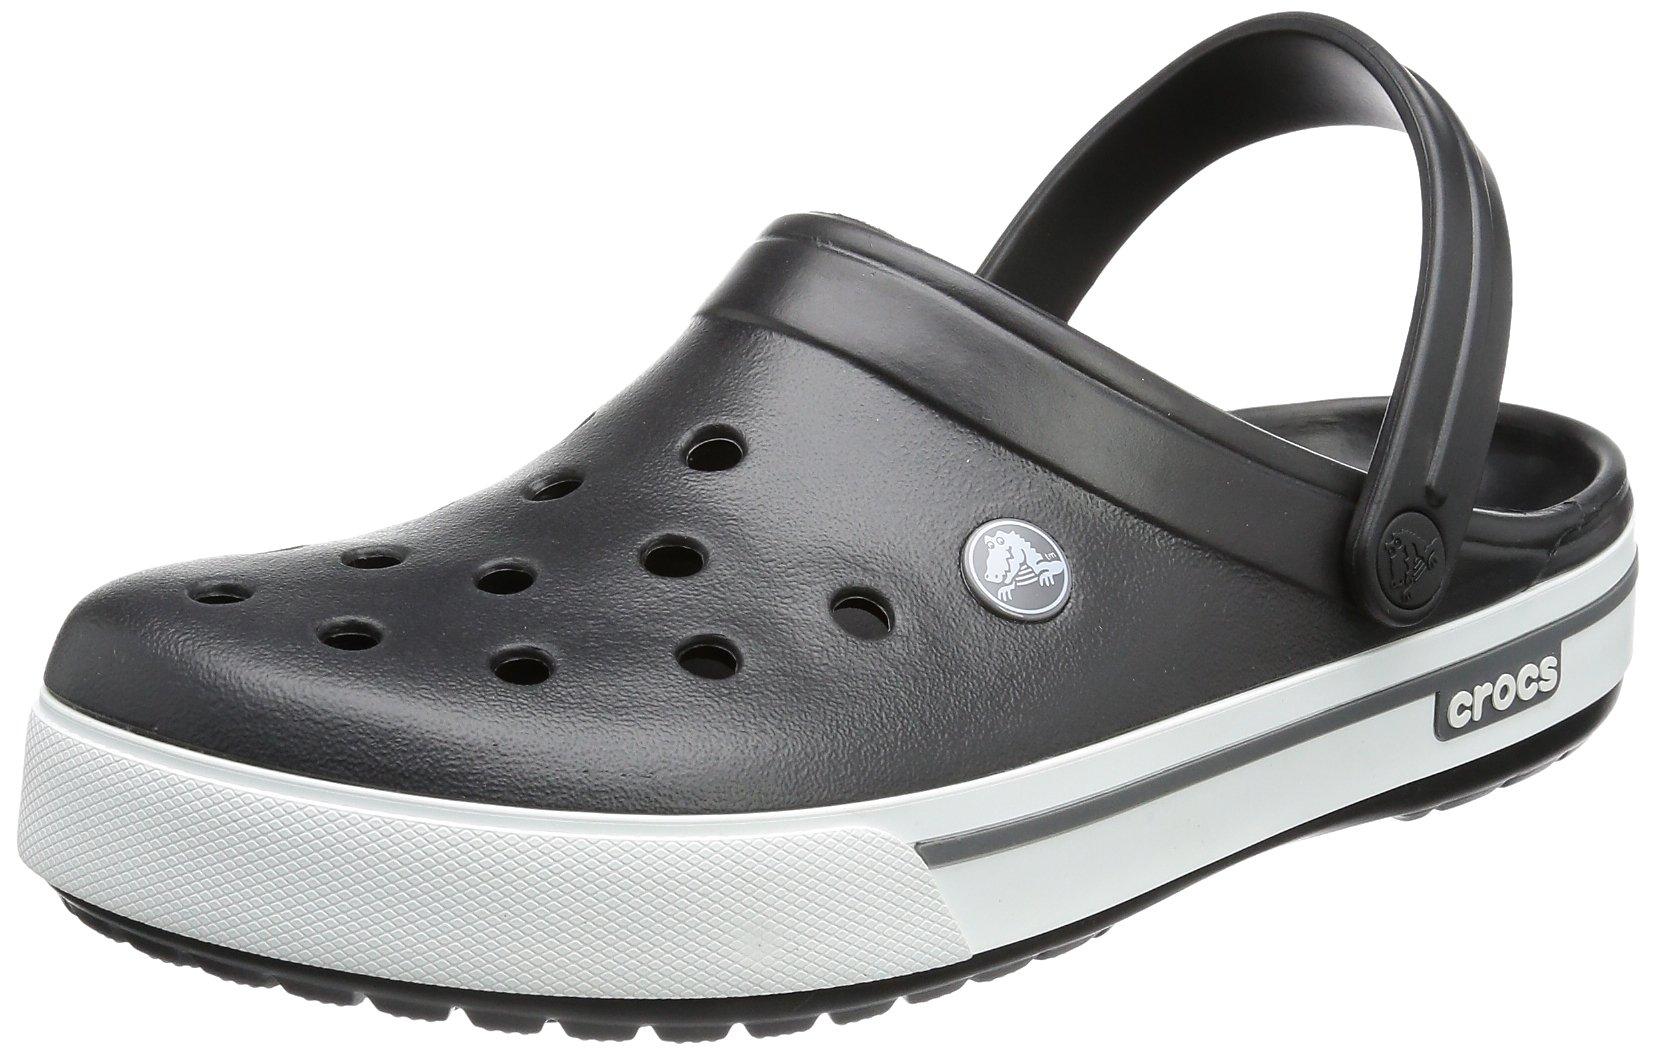 crocs Unisex Crocband II.5 Clog ,Black/Charcoal,12 US Women / 10 US Men